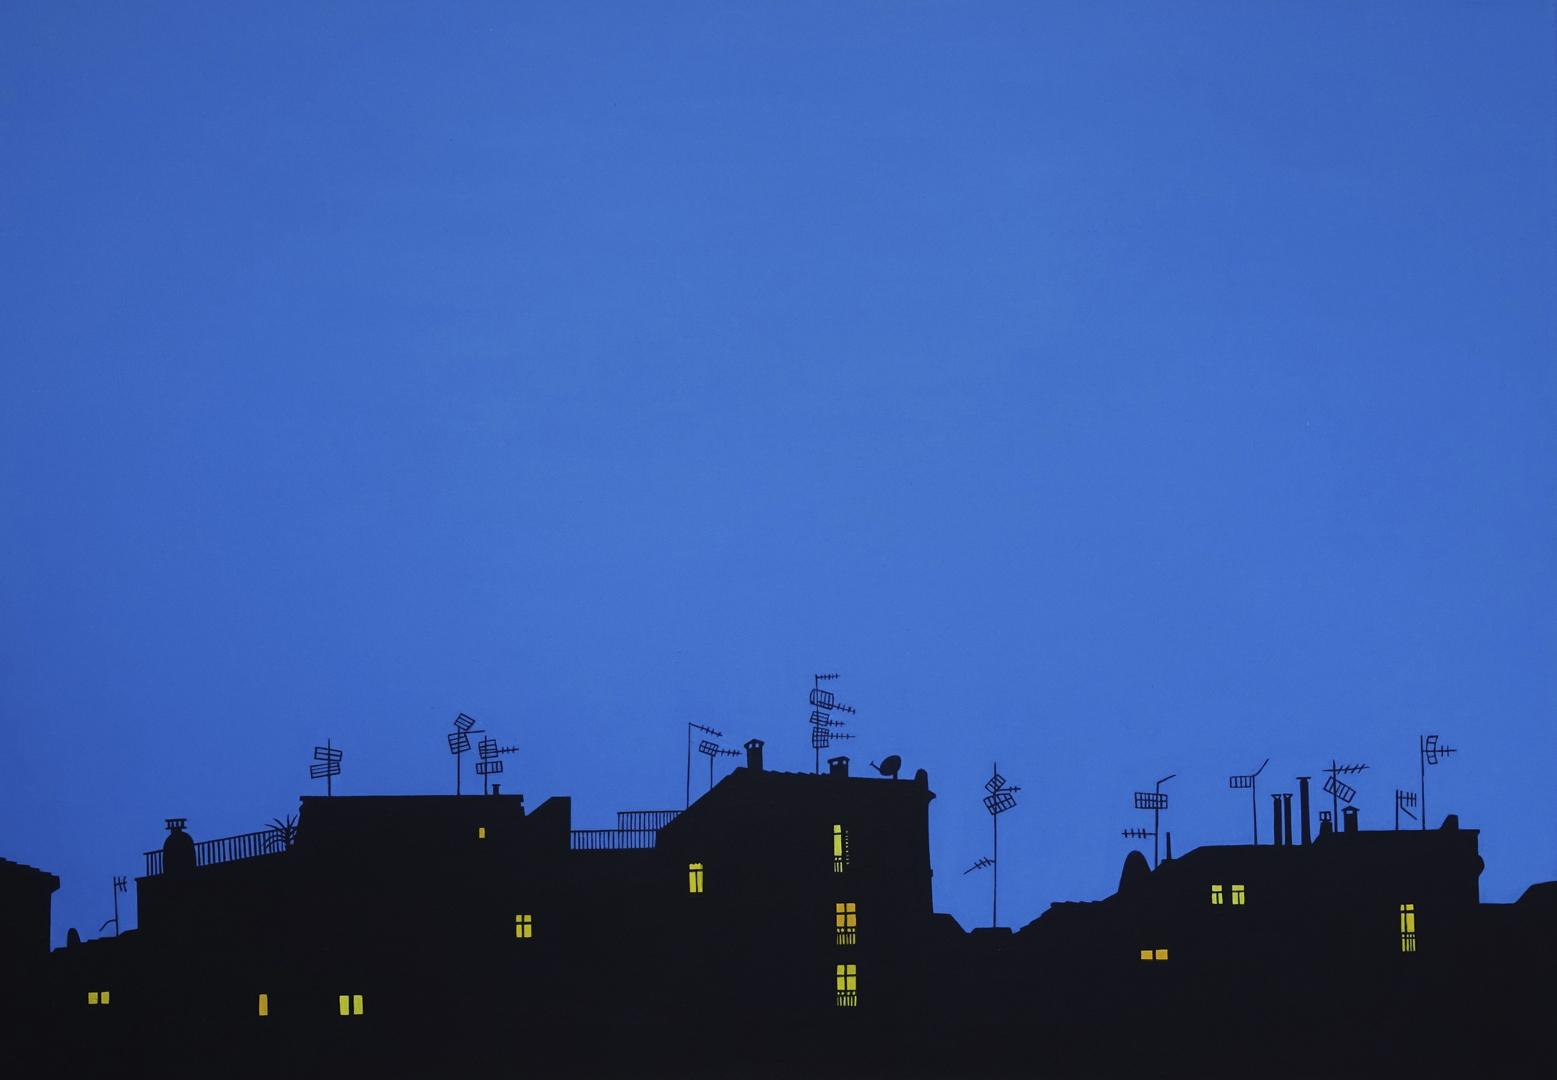 Häusersilhouette in der Nacht